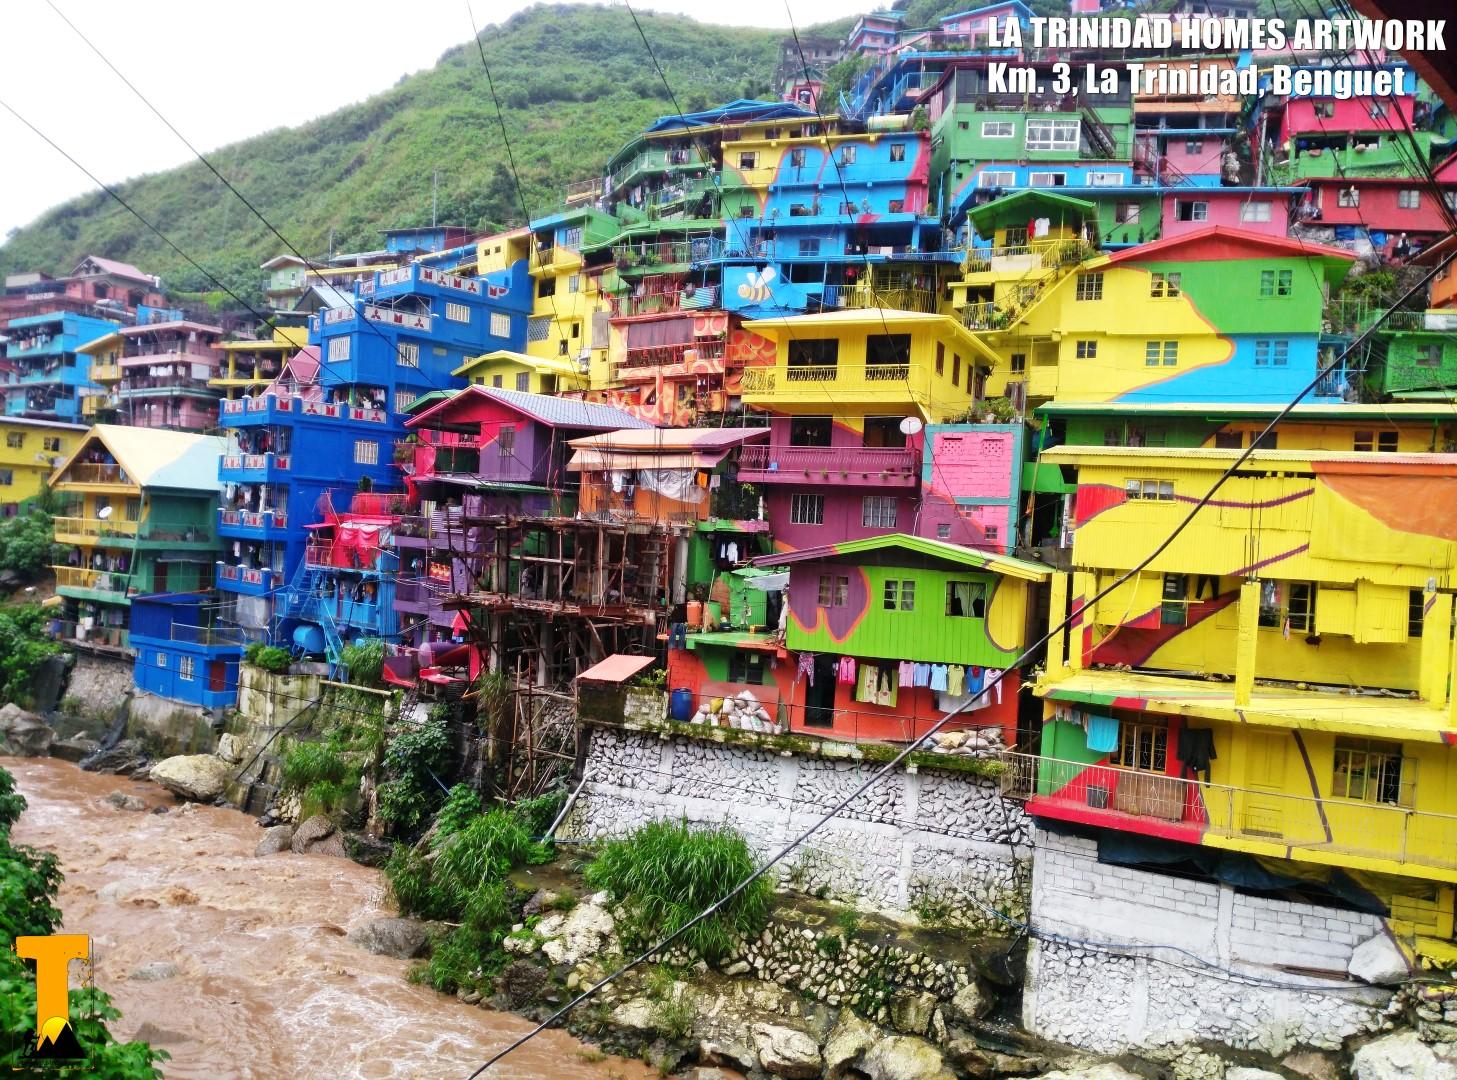 Trekero la trinidad homes artwork a colorful symbol of for Trinidad houses